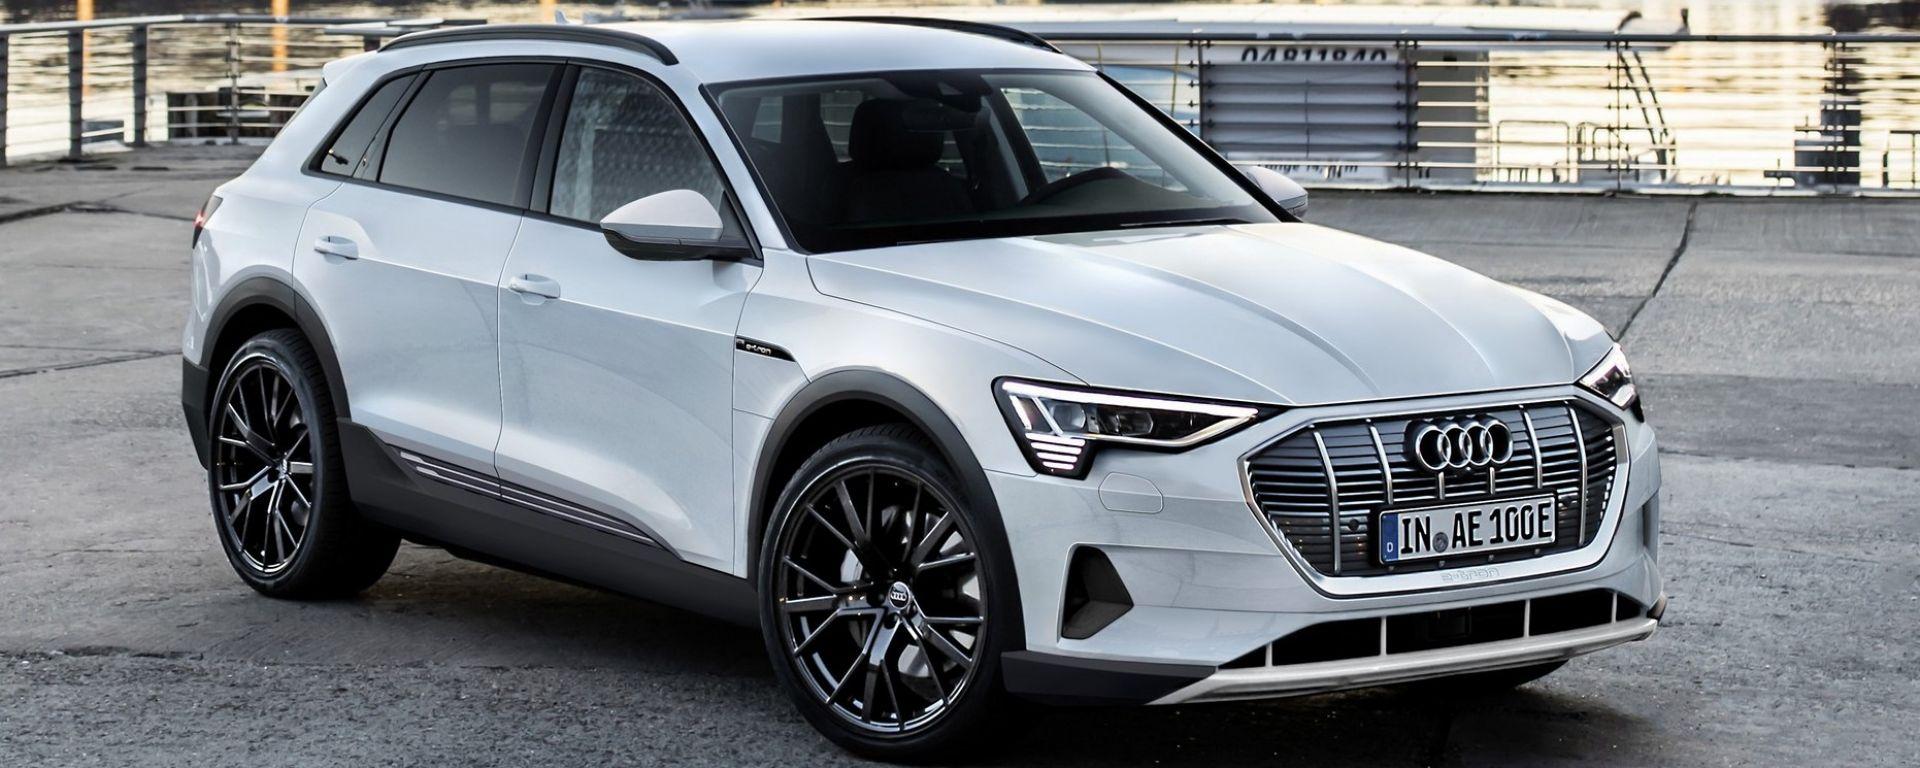 Audi e-tron, ecco un'ipotesi del suo aspetto definitivo